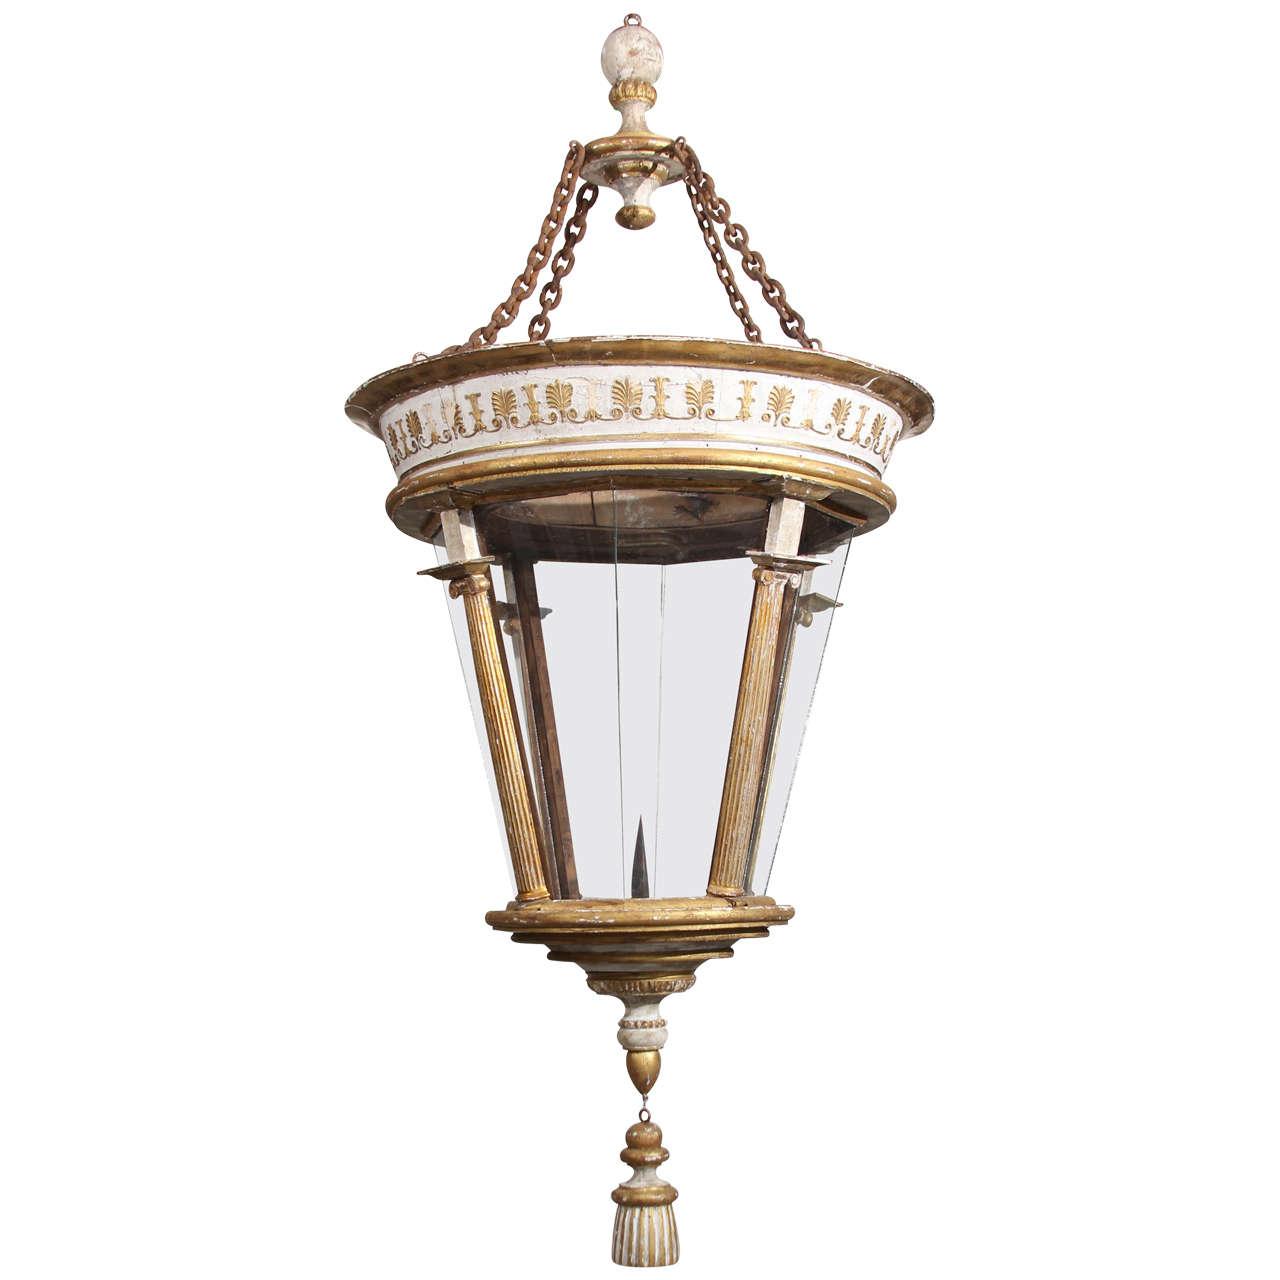 Grand Scale Italian Lantern For Sale